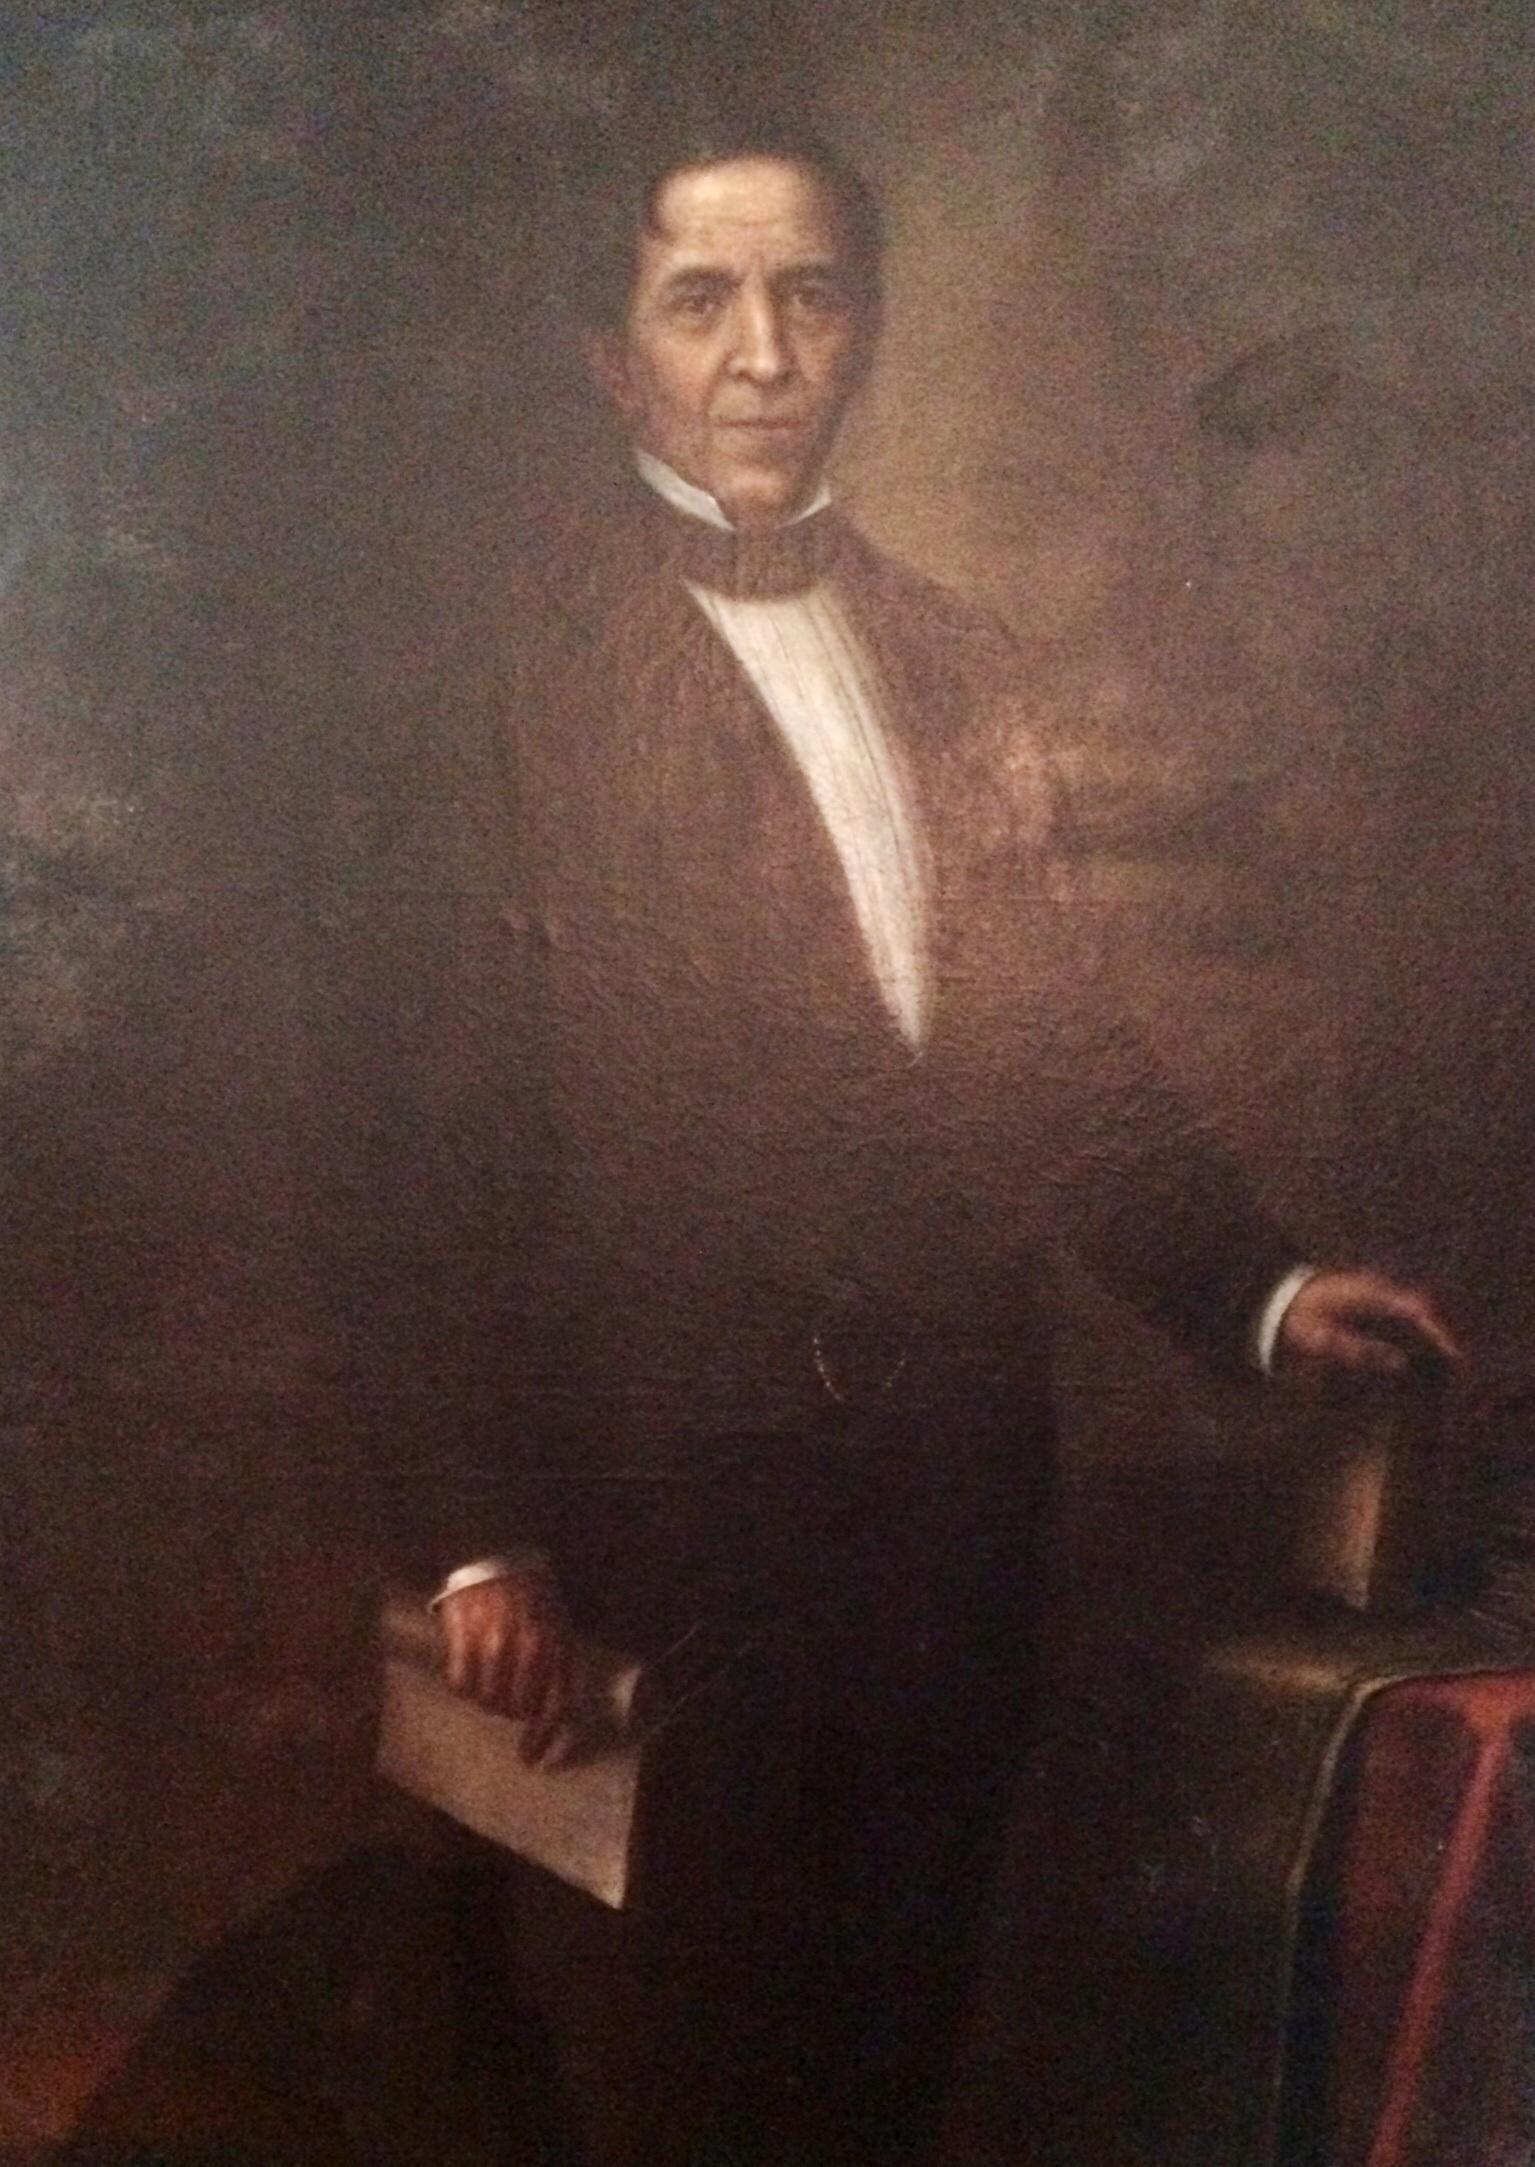 Retrato de Mariano Gálvez en el Museo de Historia de Guatemala